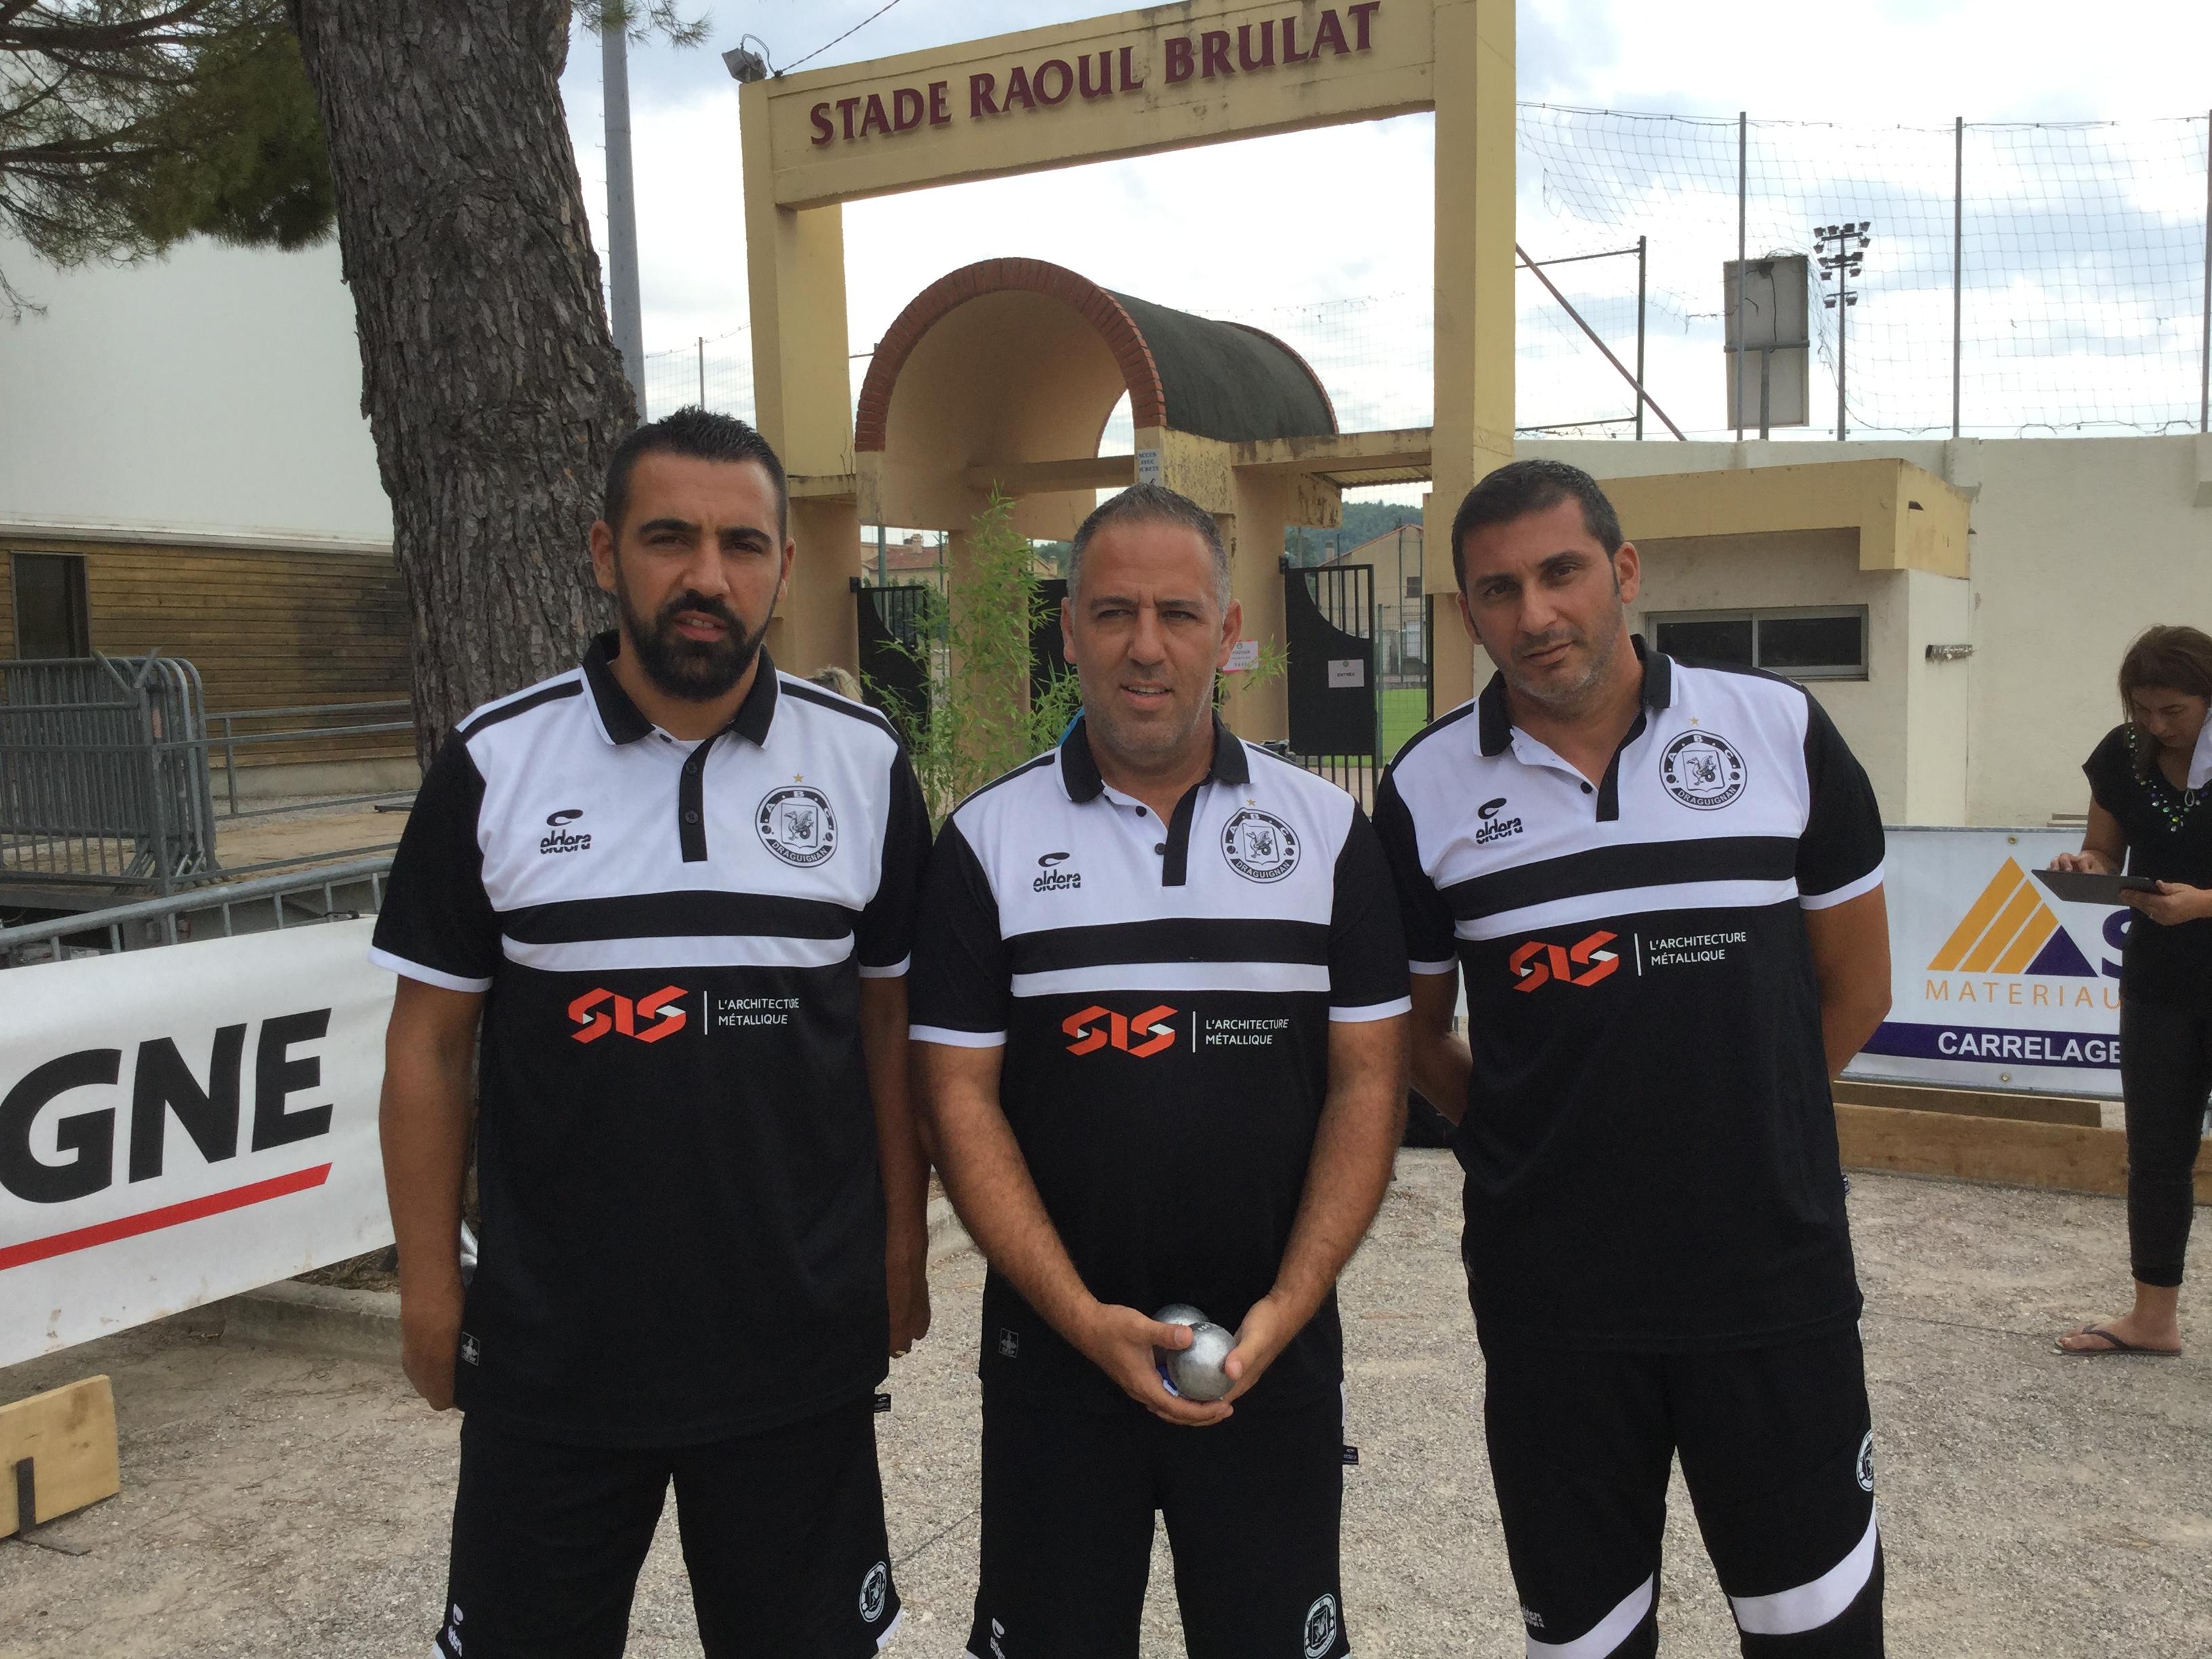 Anthony Kerfah Fabrice Rouvin et Mohamed Benmostefa, les joueurs de l'ABC Draguignan grandissimes favoris seront trés suivis. (Source photo Superchallenge)